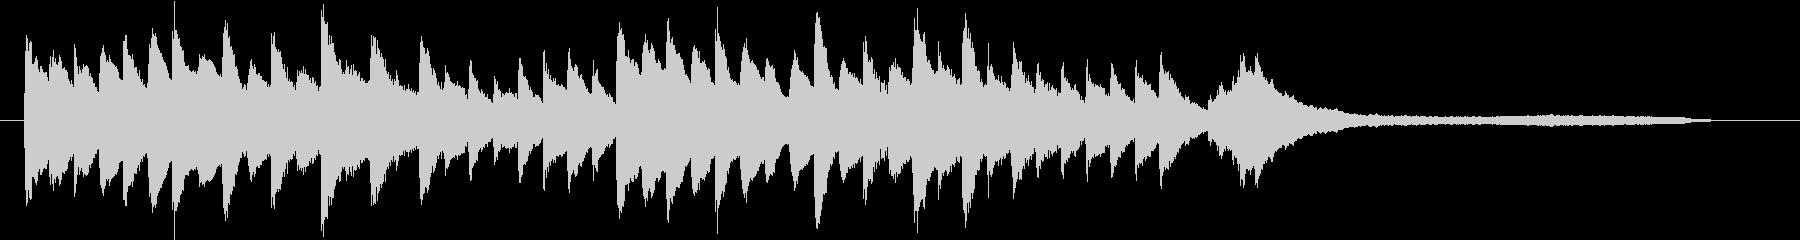 結婚式効果音_ブーケ01の未再生の波形